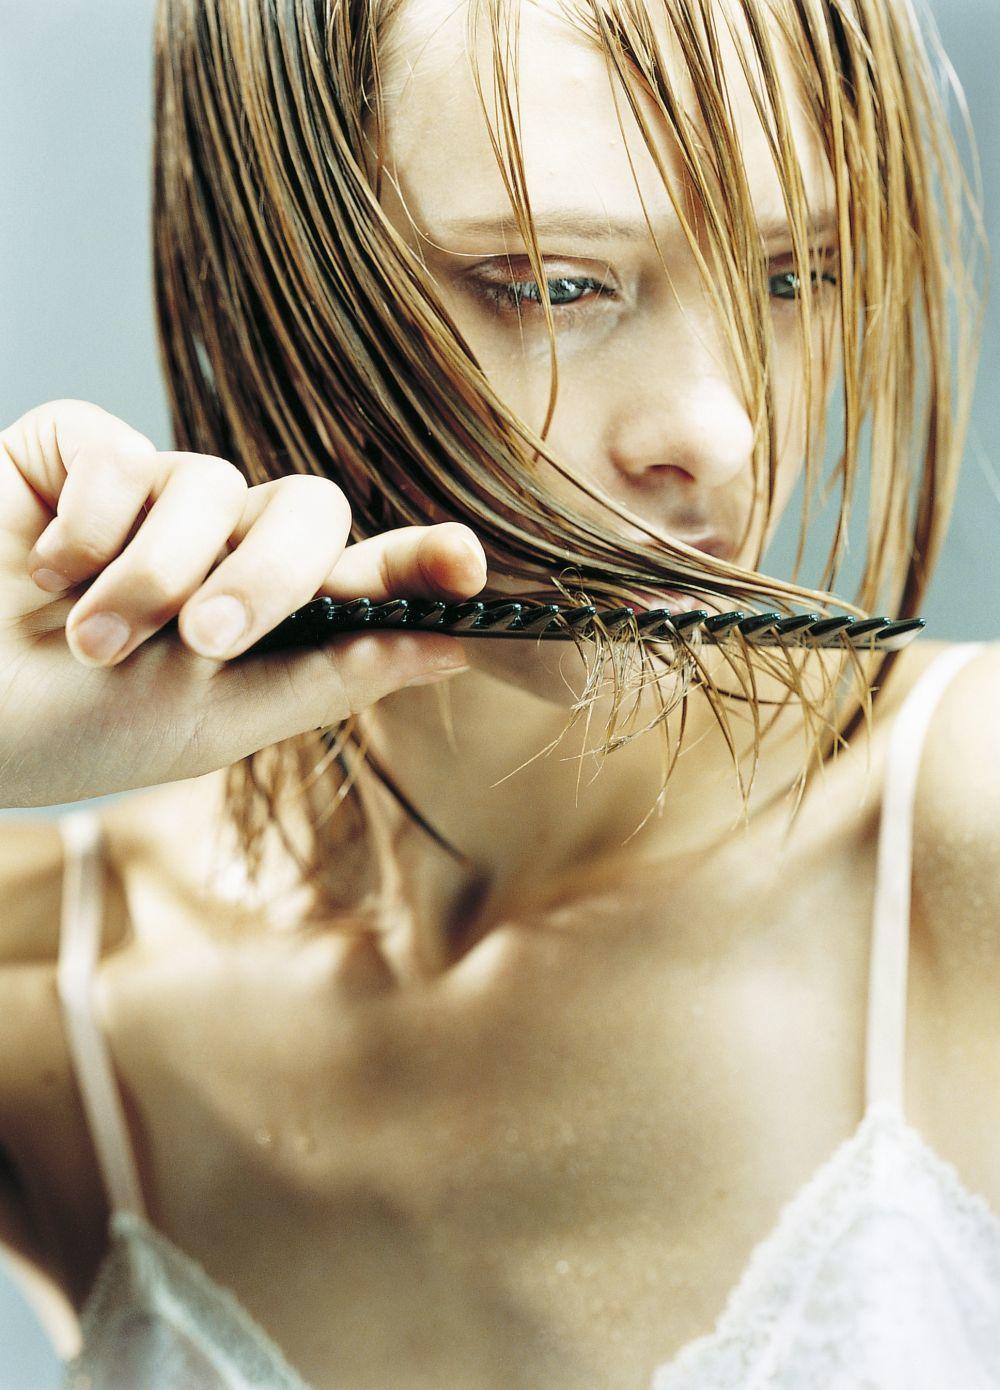 Cremas y geles de peinado para una melena más brillante y sin encrespamiento